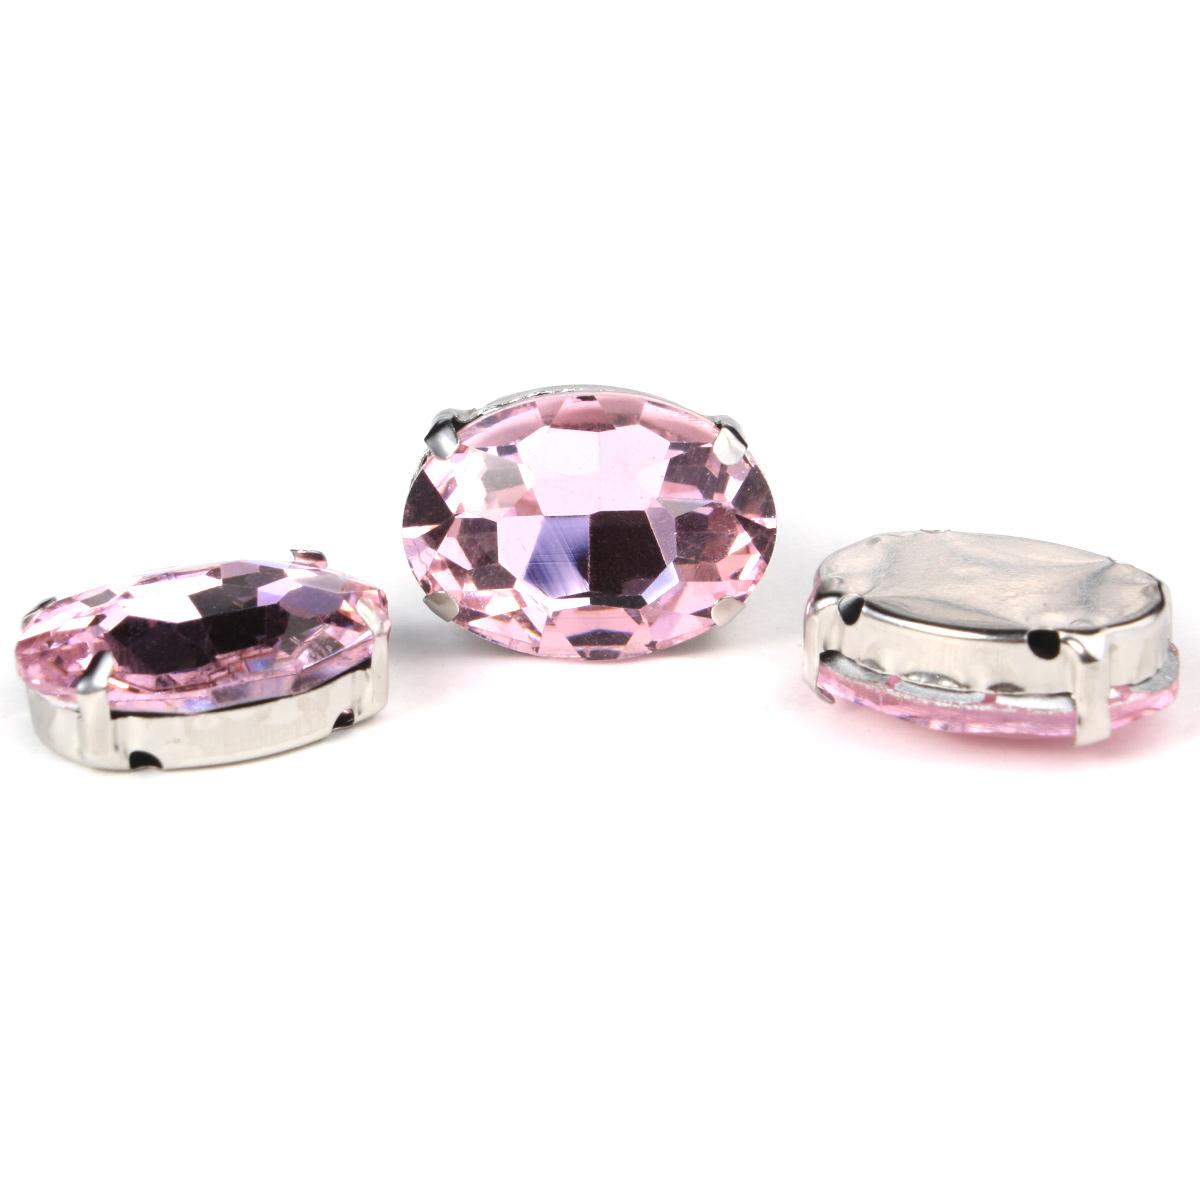 ОЦ007НН1318 Хрустальные стразы в цапах овальной формы, розовый 13х18 мм, 3 шт